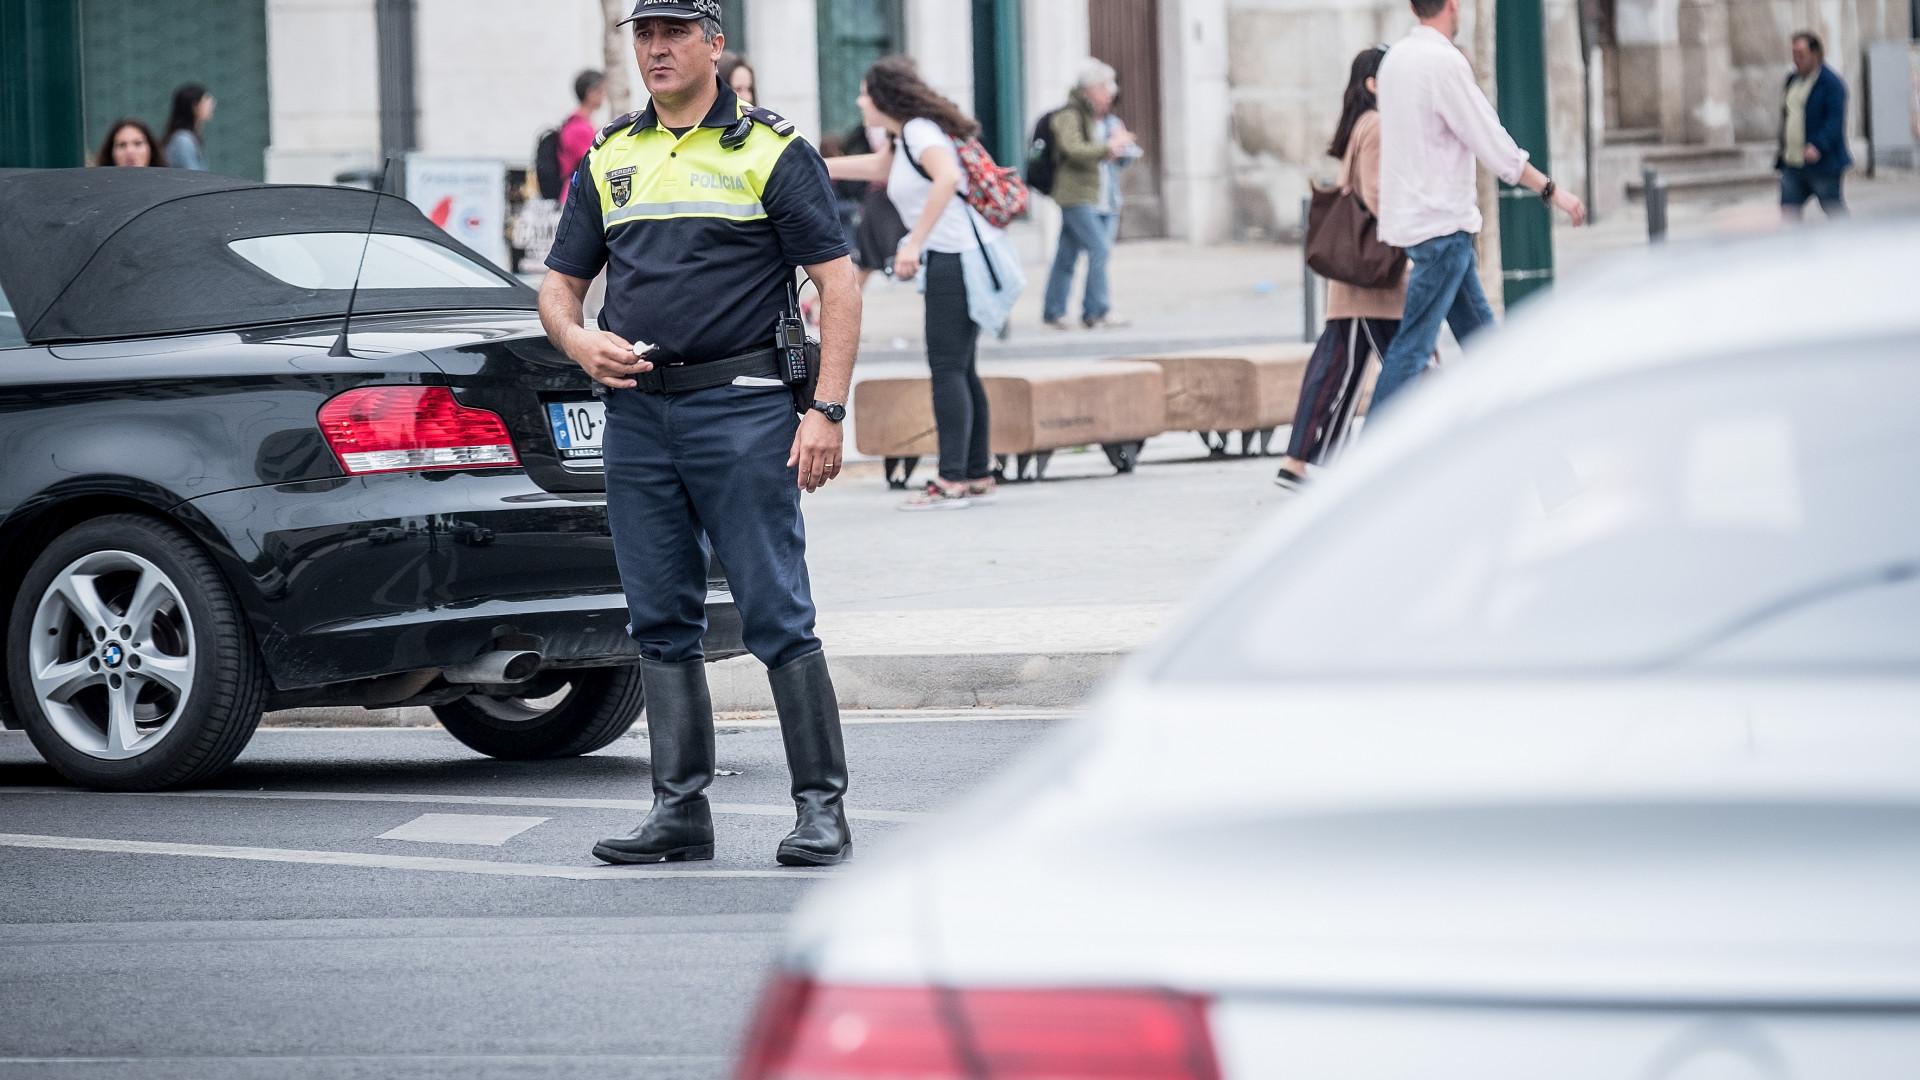 Em dia de jogo do Benfica, a Polícia deixa um apelo